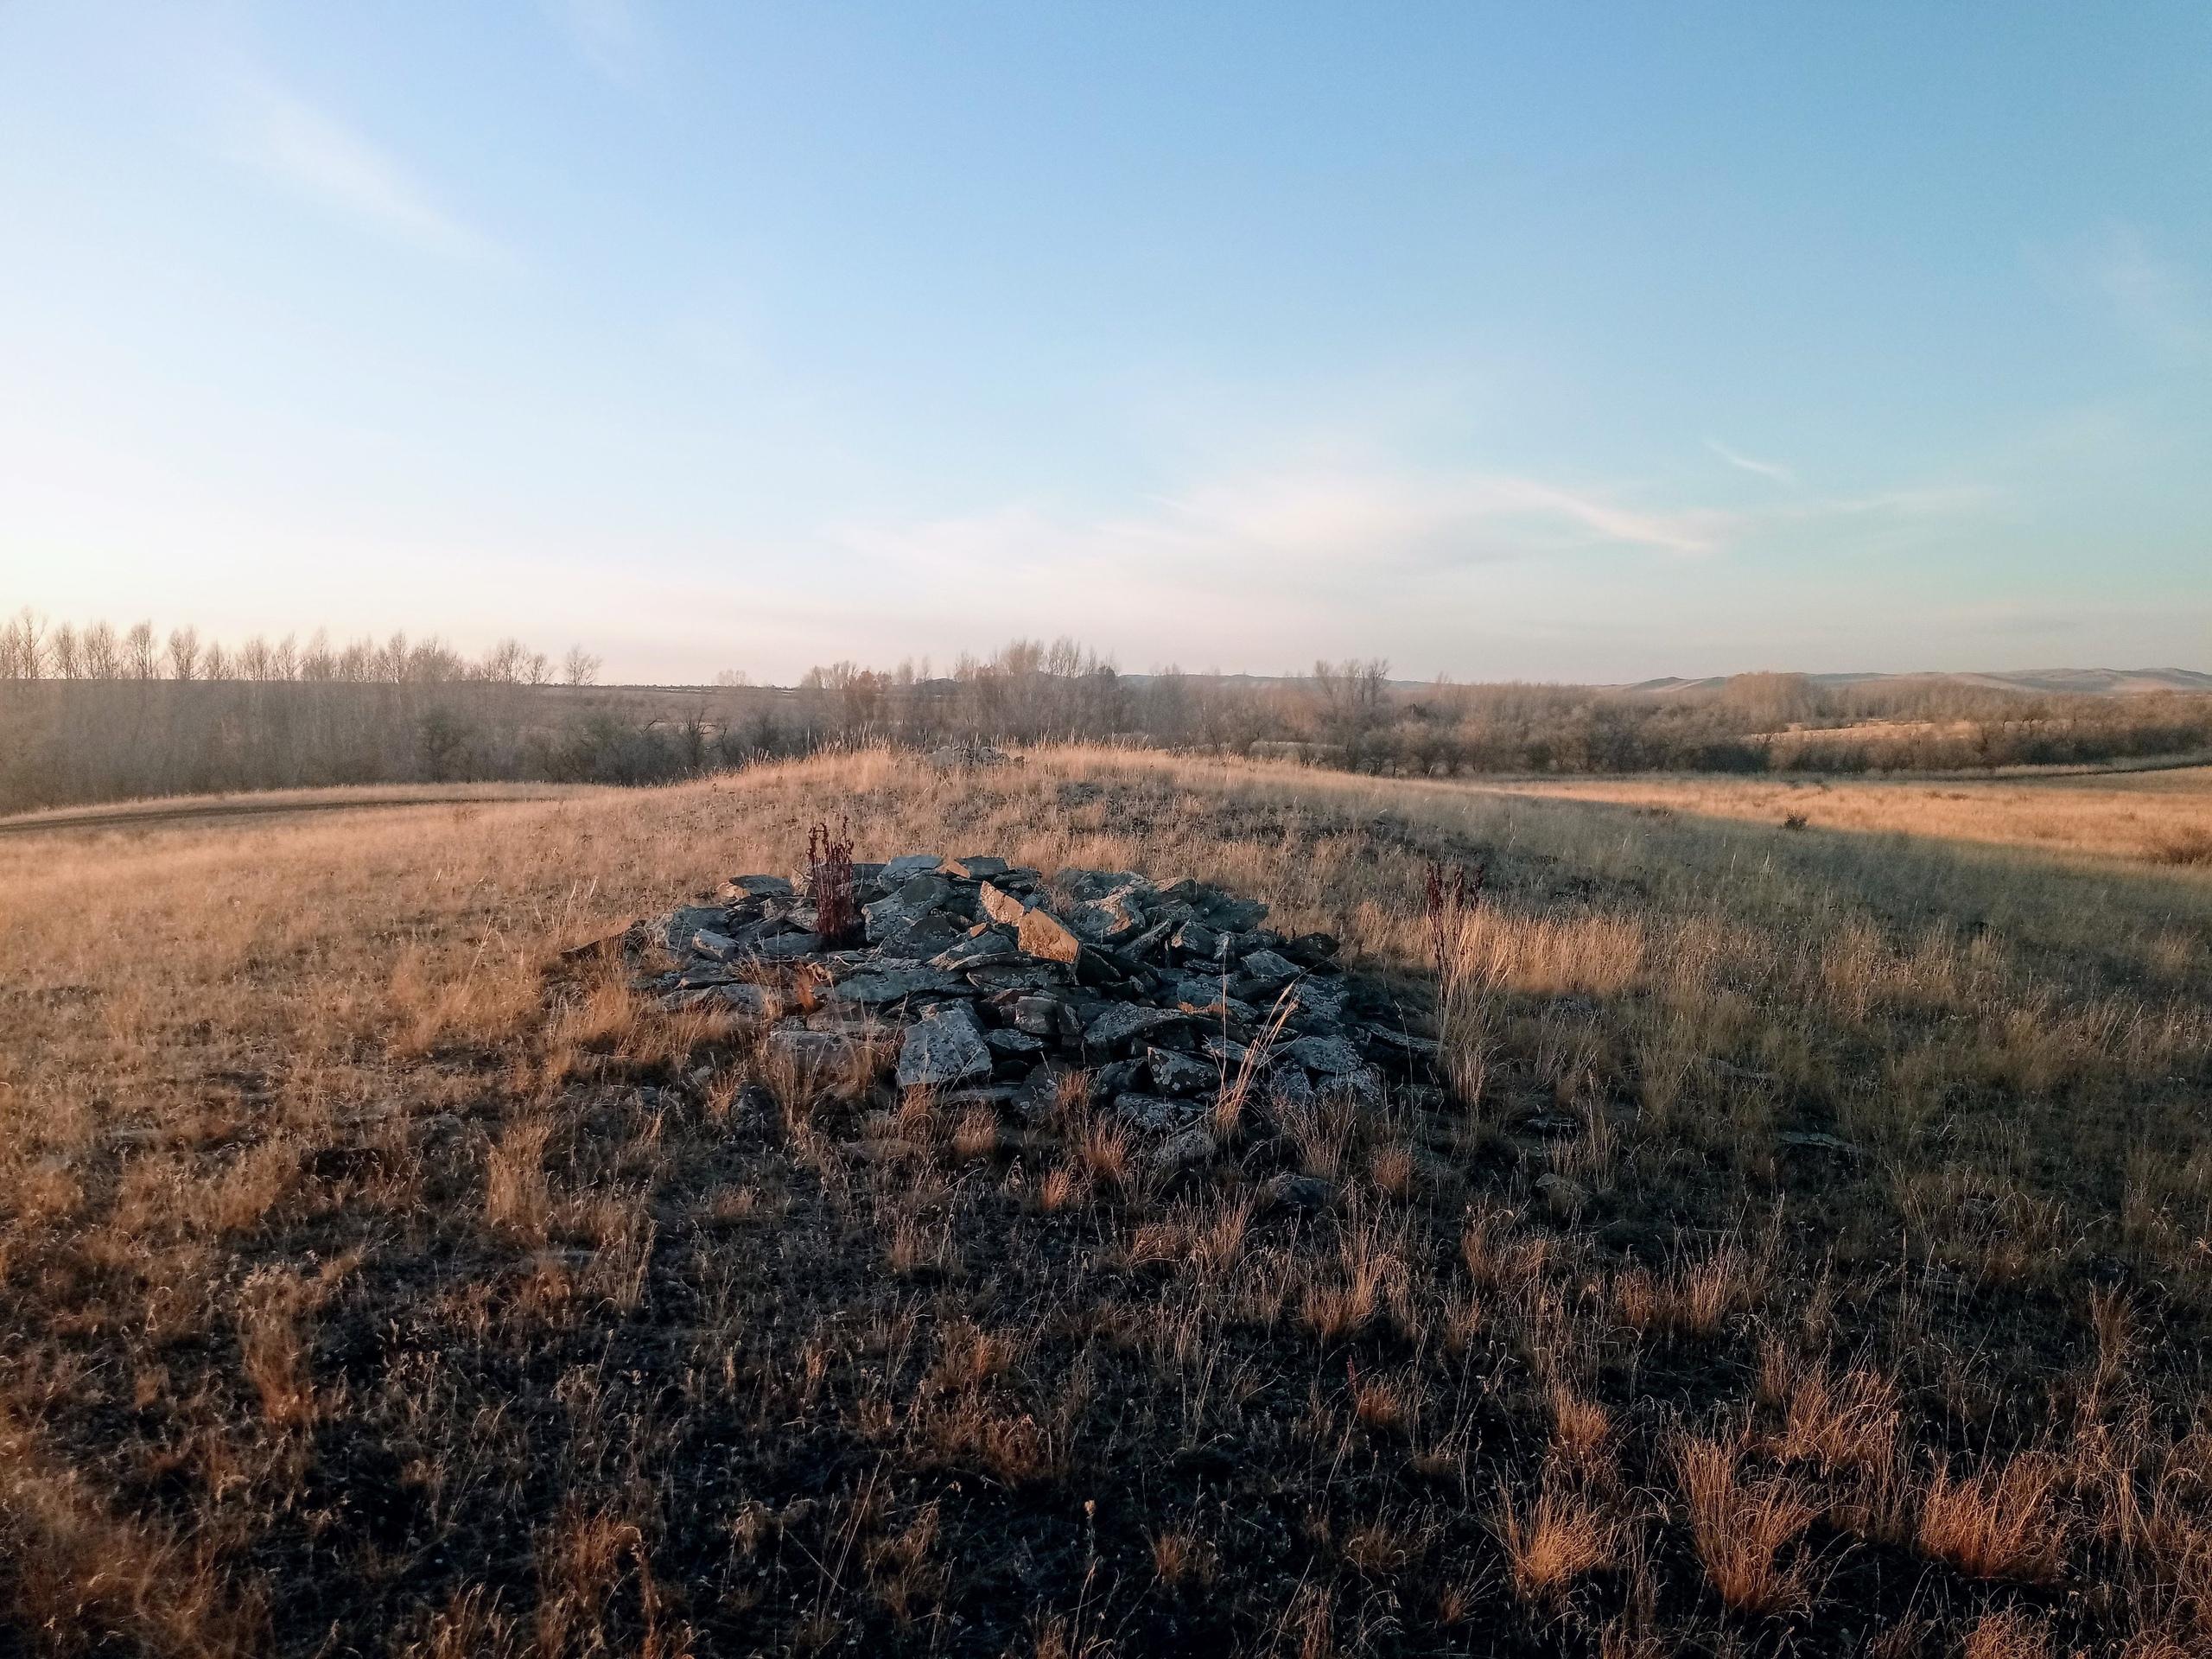 Кайсацкие кулпытасы - каменные стелы в степях